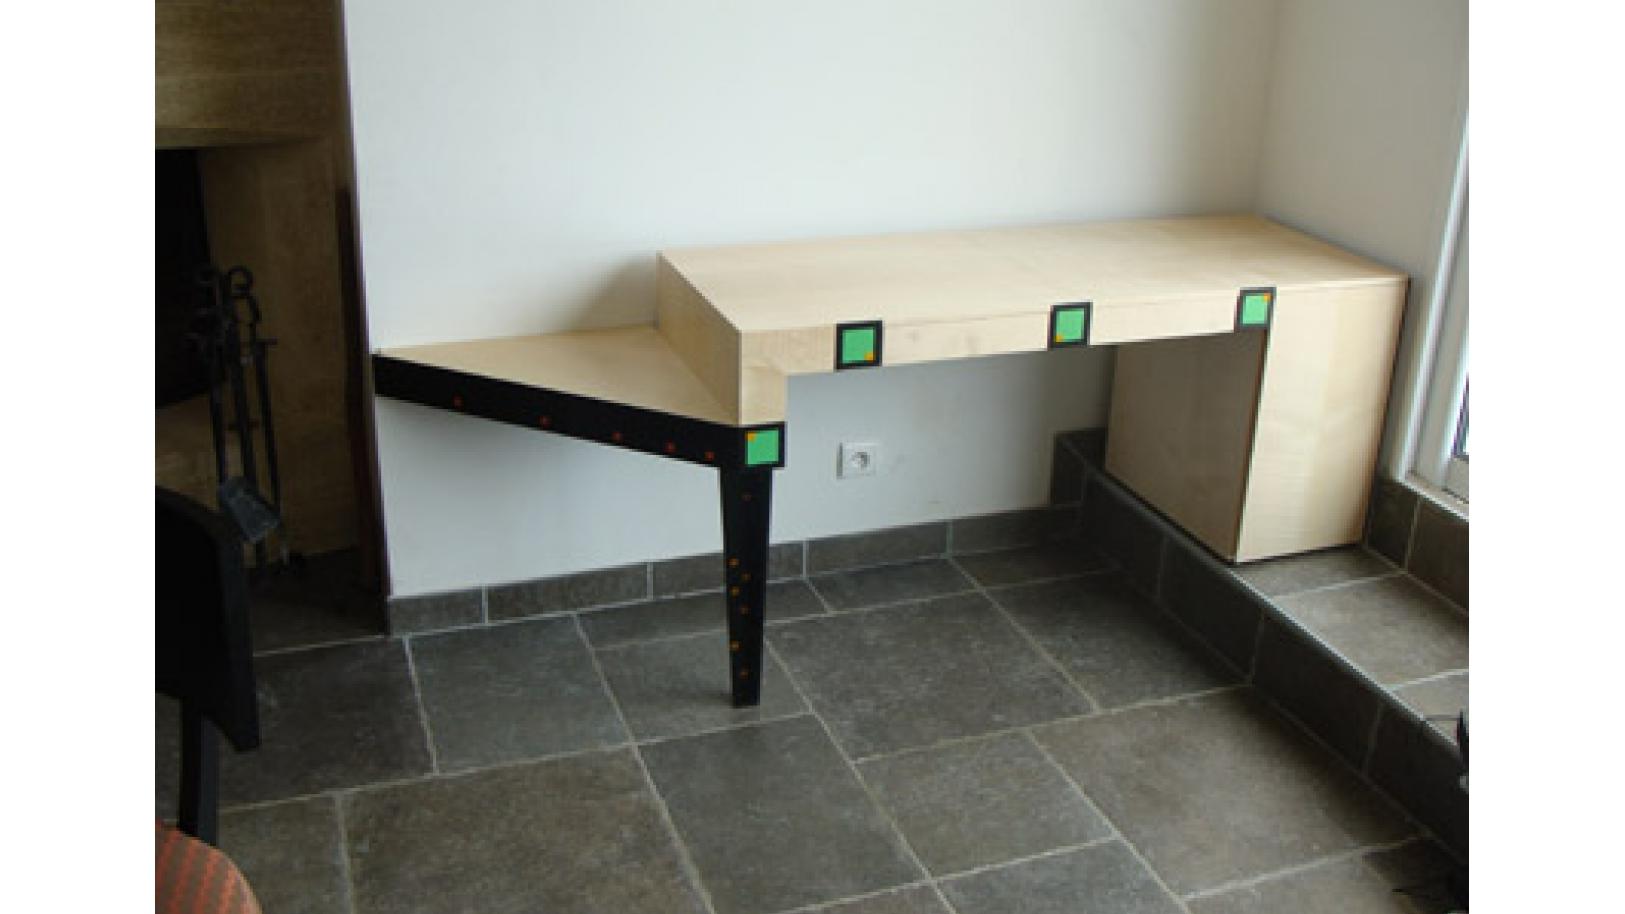 Bureau d 39 appoint nos r alisations de meubles for Bureau d appoint